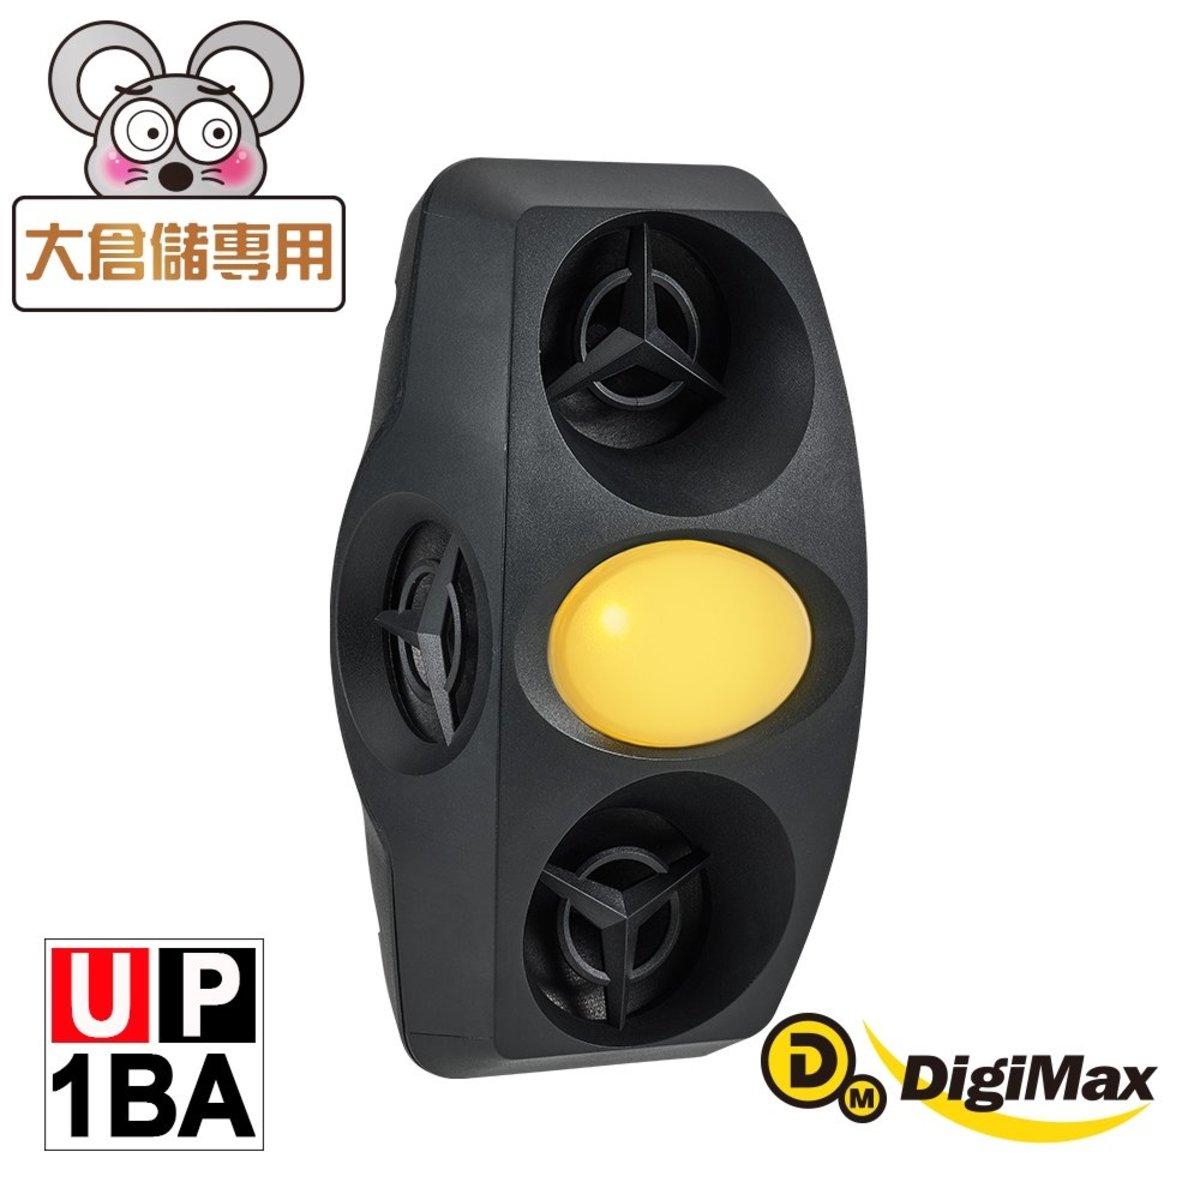 【香港行貨】四喇叭變頻式超音波驅鼠蟲器(四面楚歌) - UP-1BA